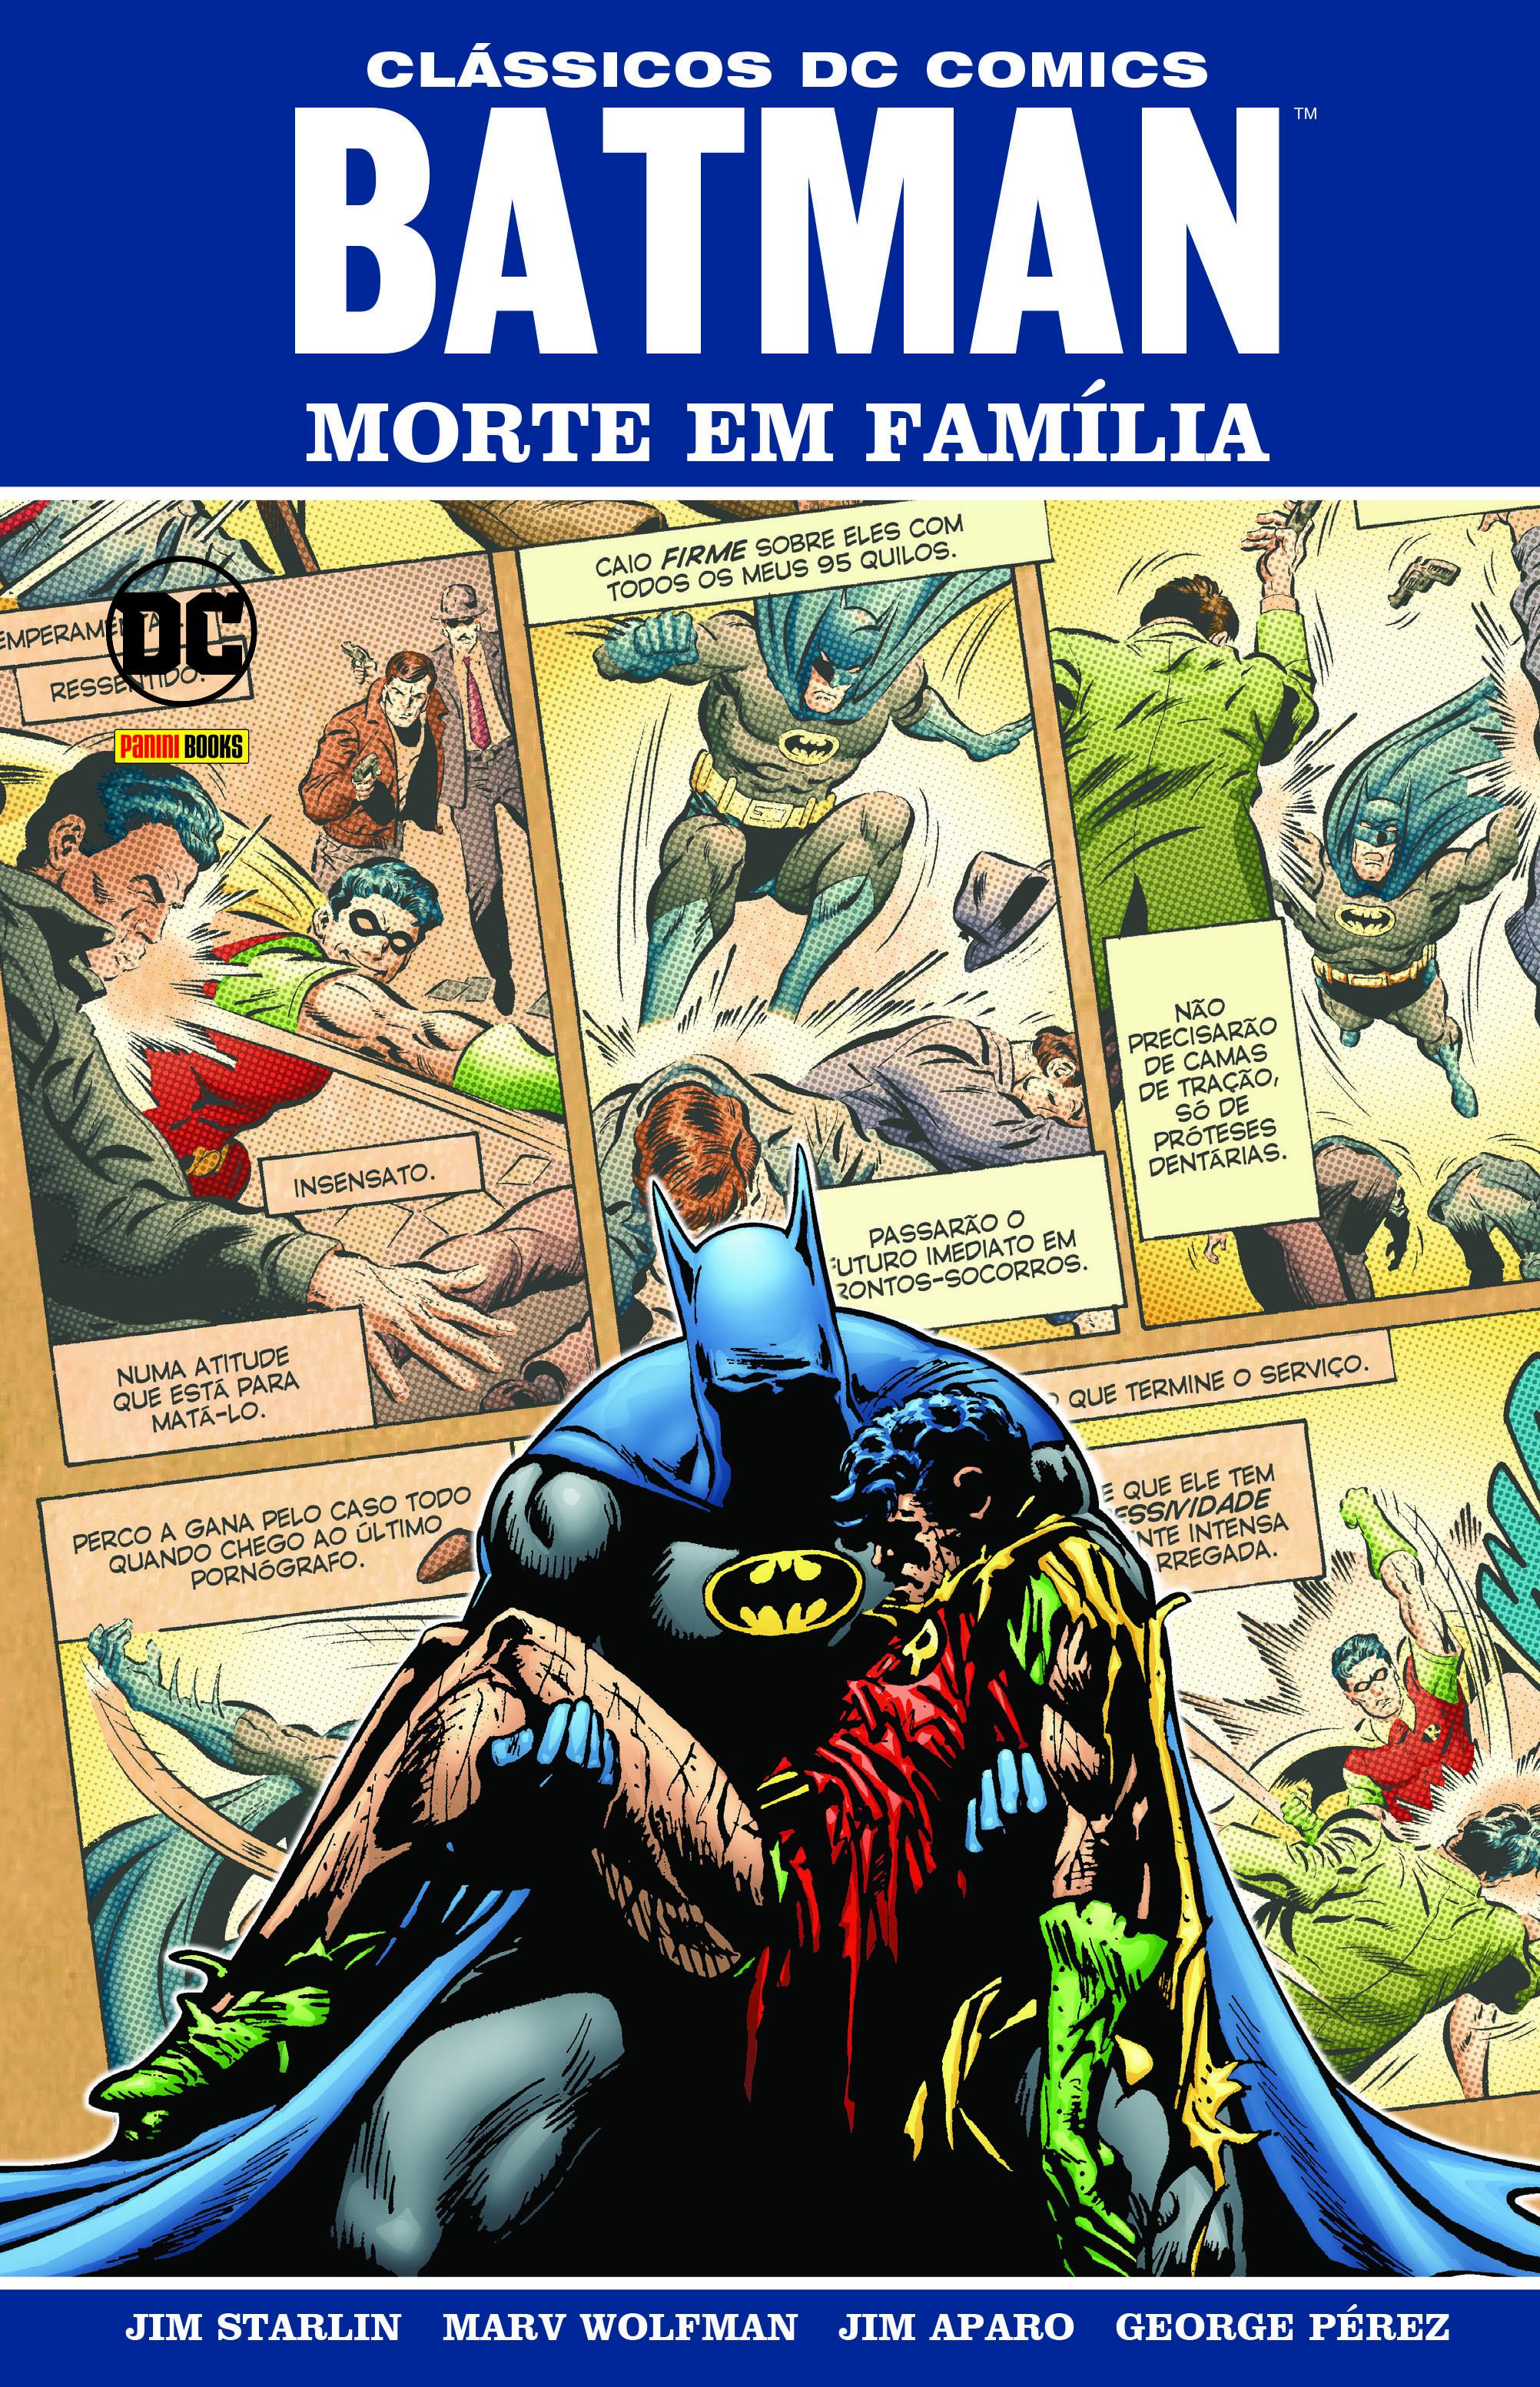 BATMAN: MORTE EM FAMILIA